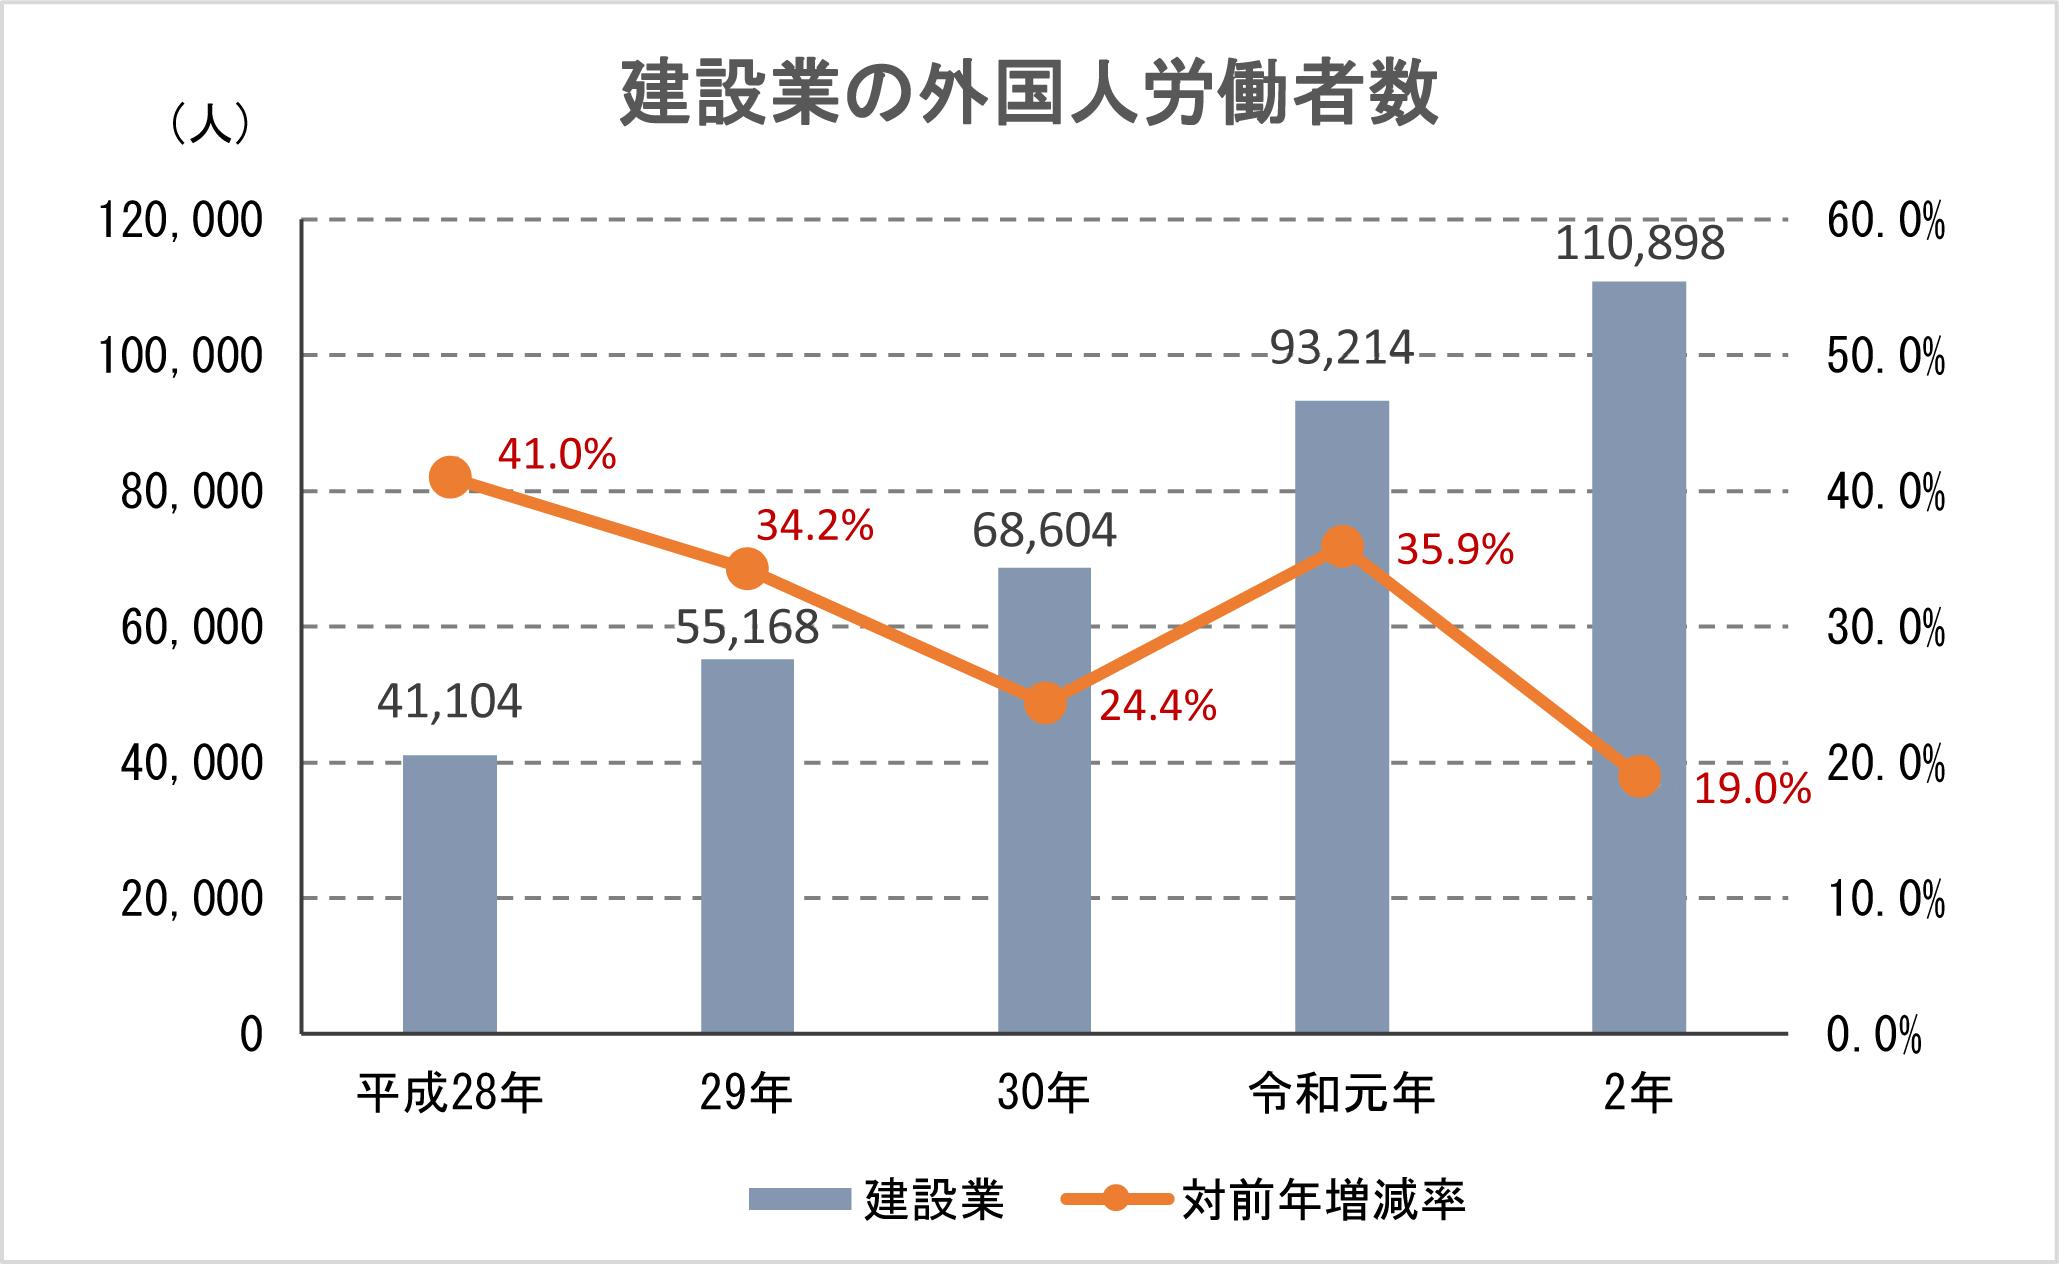 ①-3 建設業の外国人労働者数